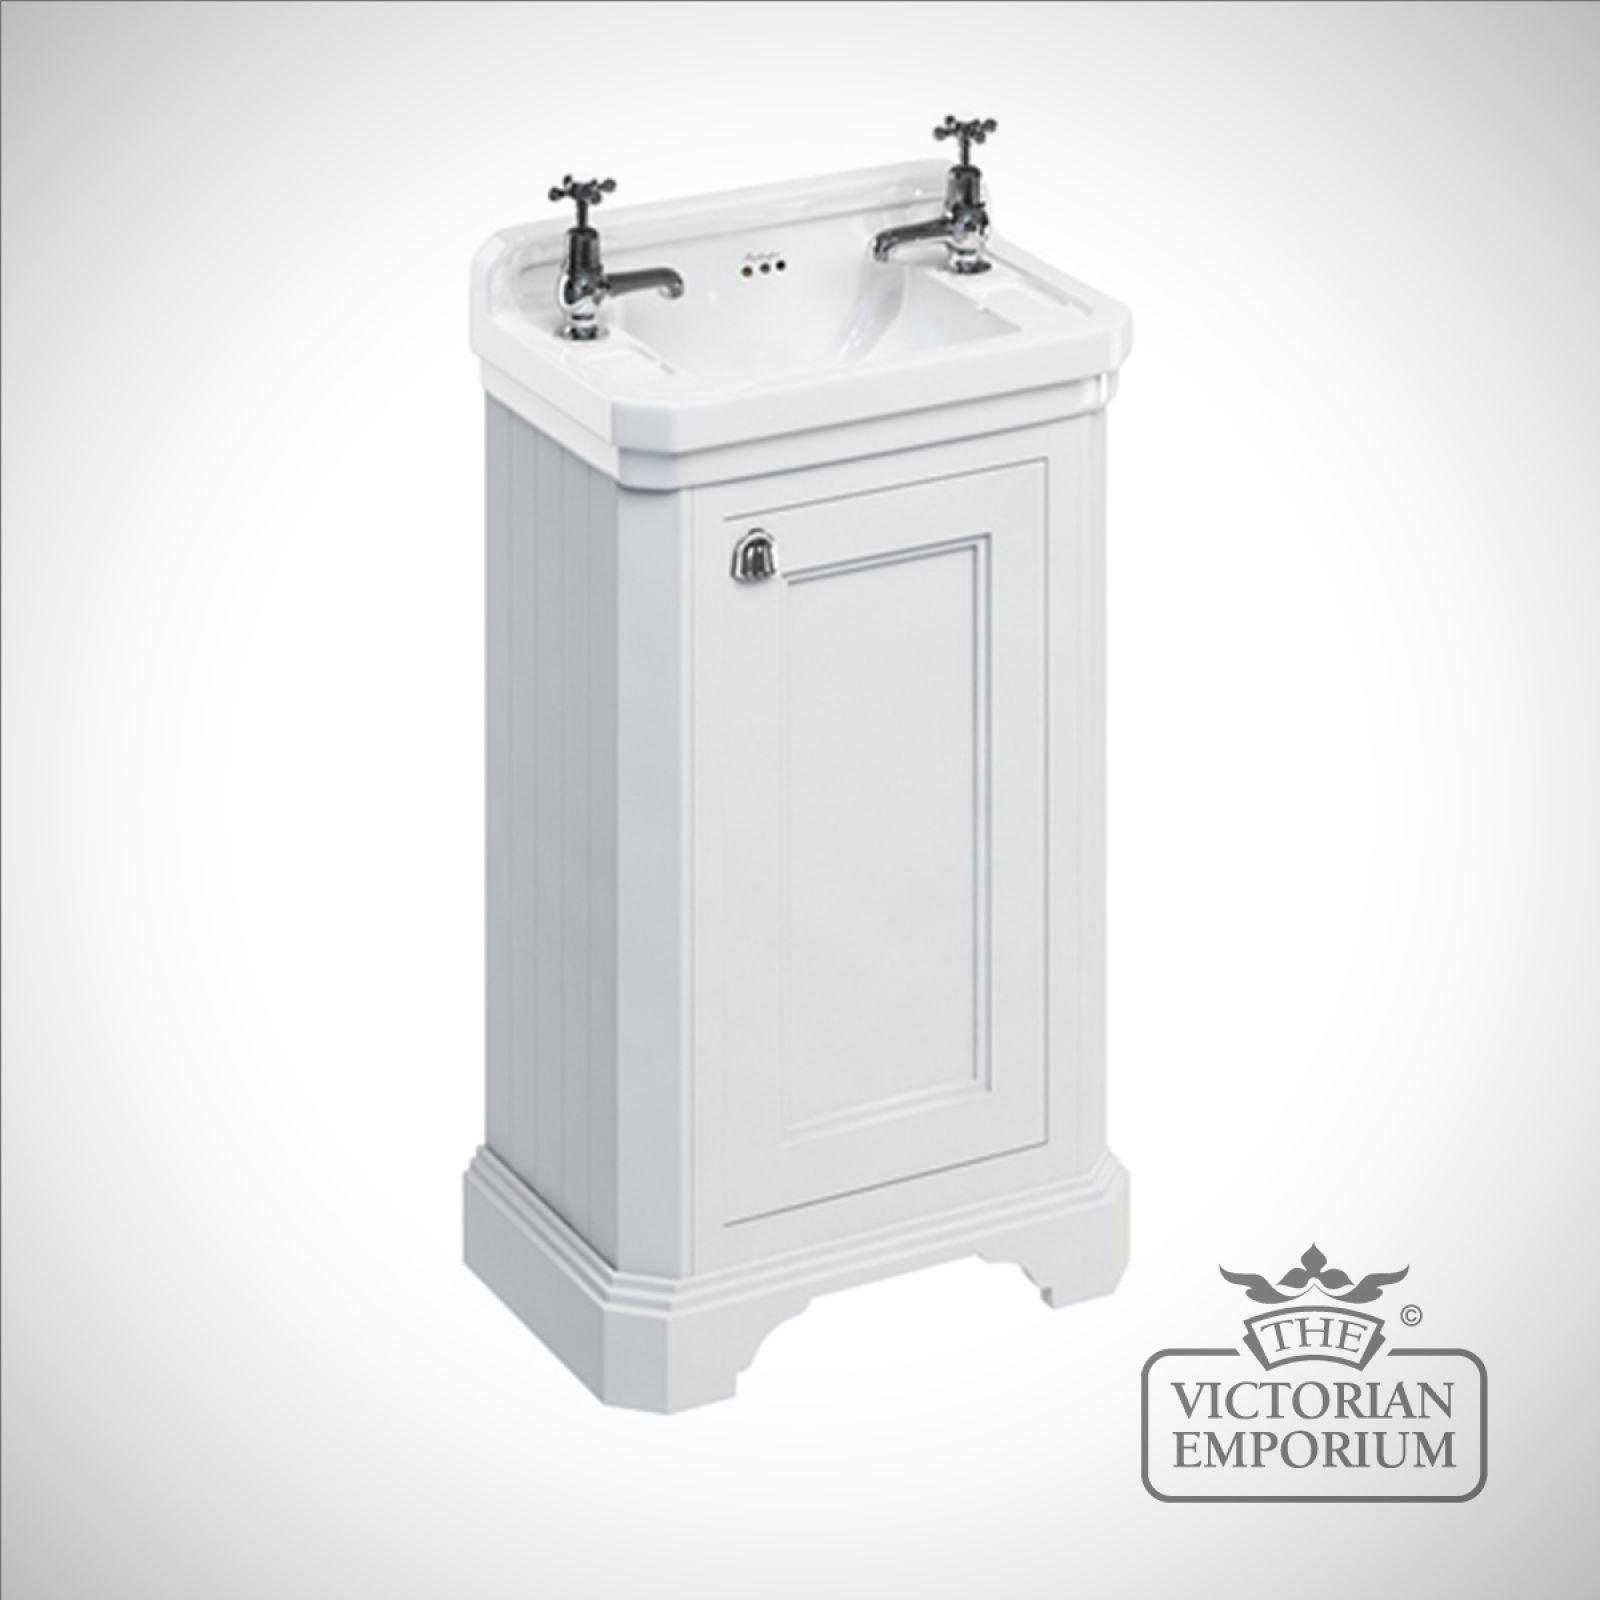 edwardian cloakroom basin unit with door basins. Black Bedroom Furniture Sets. Home Design Ideas